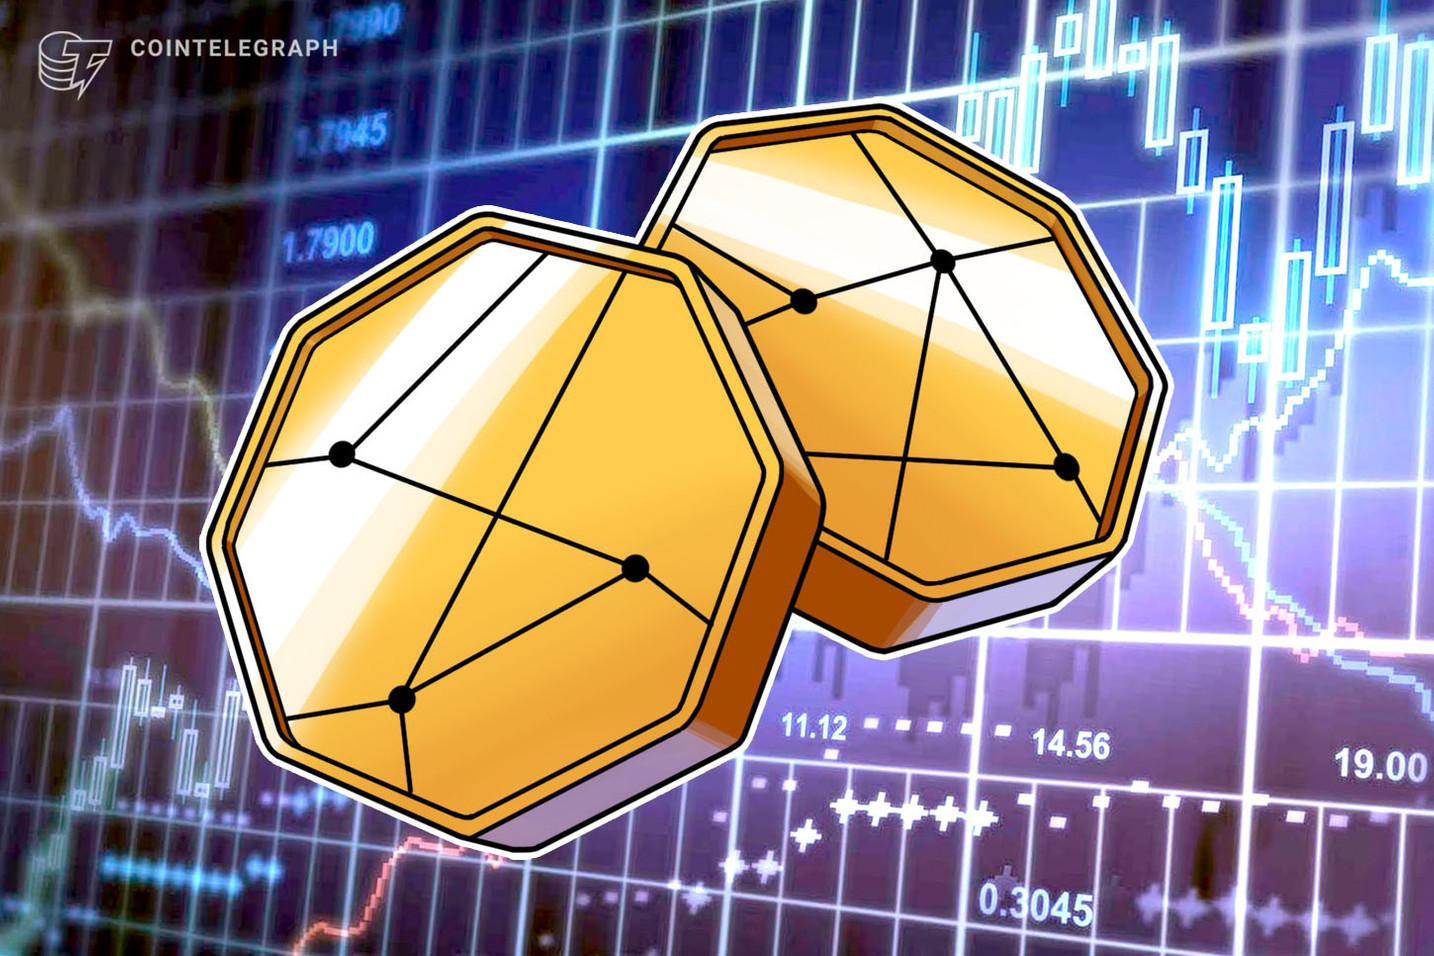 El DX Digital Exchange impulsado por Nasdaq lanza el comercio de tokens de valor